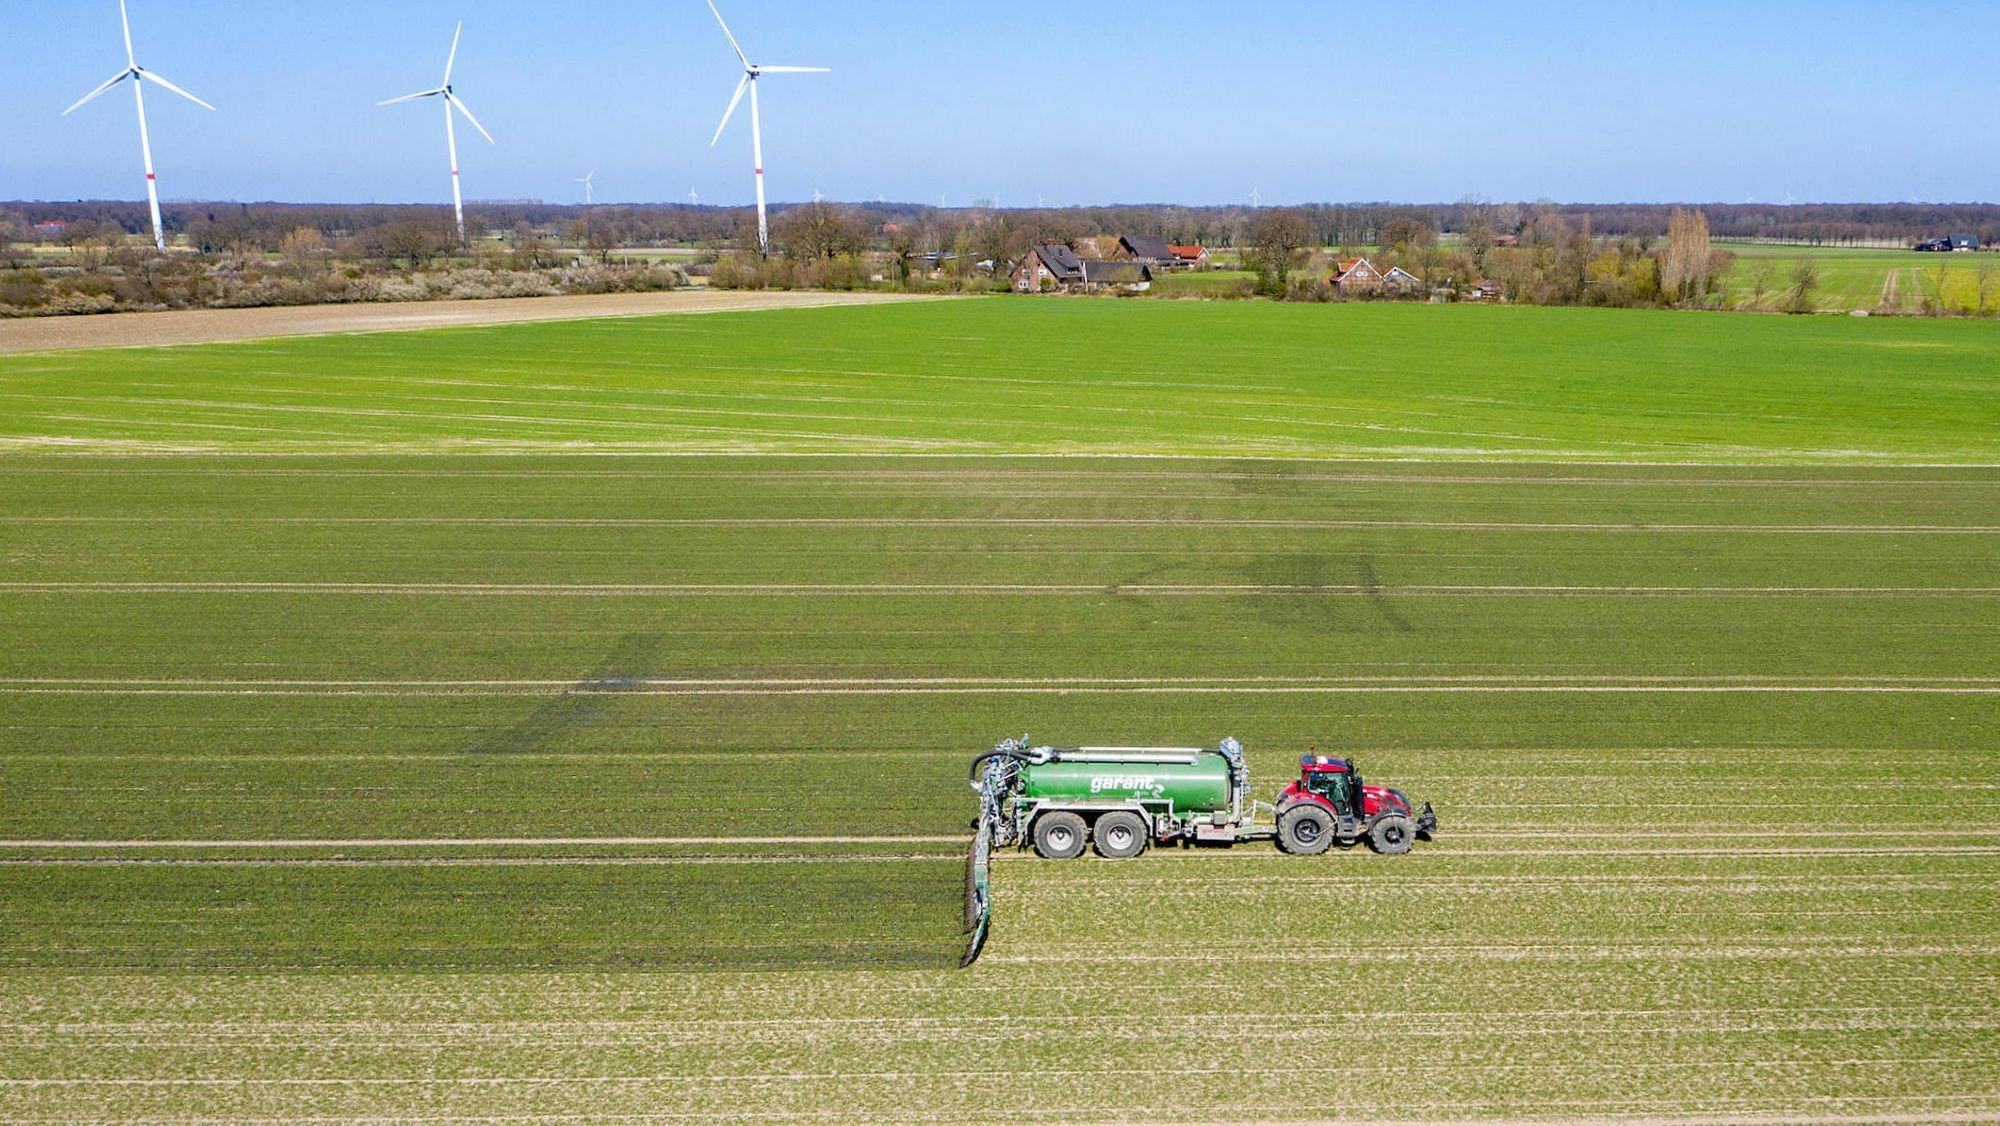 Luftaufnahme: Ein Trecker mit Güllefass bei der Ausbringung von Flüssigmist zur Düngung eines jungen Getreidebestandes im Frühjahr, im Hintergrund drei Windräder.